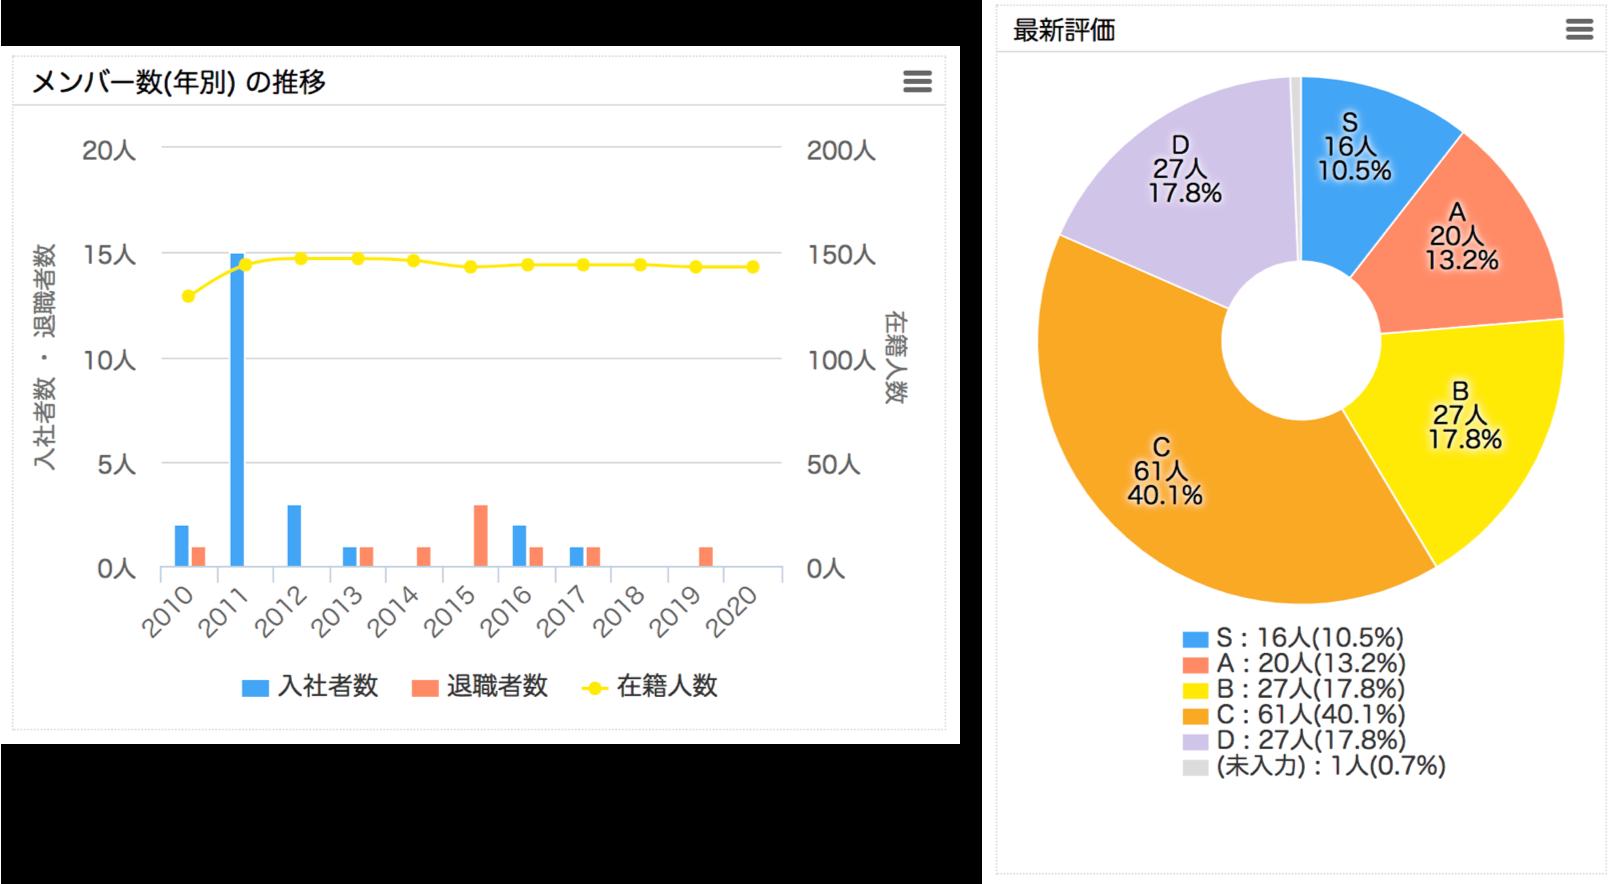 ▲CHART BOARDの画面イメージ。全社員の集計情報をわかりやすくグラフ化。男女比、年齢層といった基本情報はもちろん、評価の分布や資格保有の割合など、あらゆる管理項目をグラフで確認できます(※画像はサンプルです)